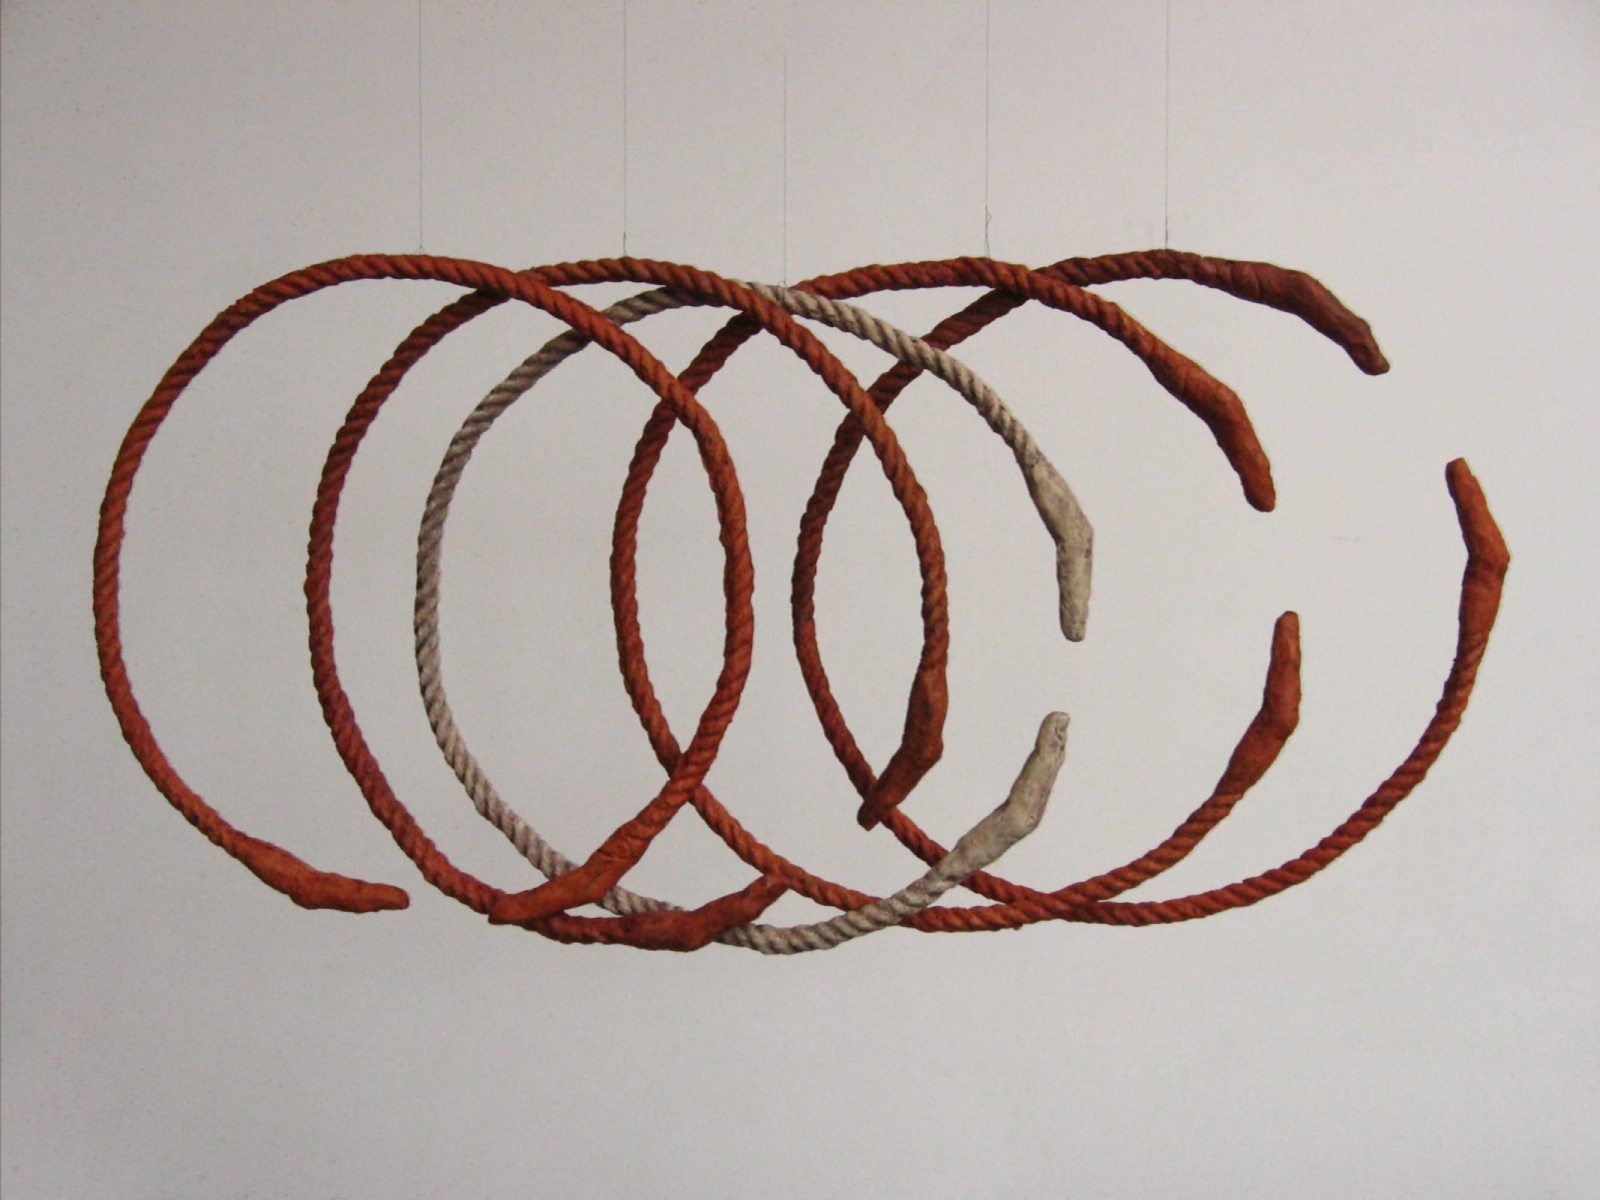 Rings, 2007, ceramic, each element 50 cm x 50 cm x 2 cm